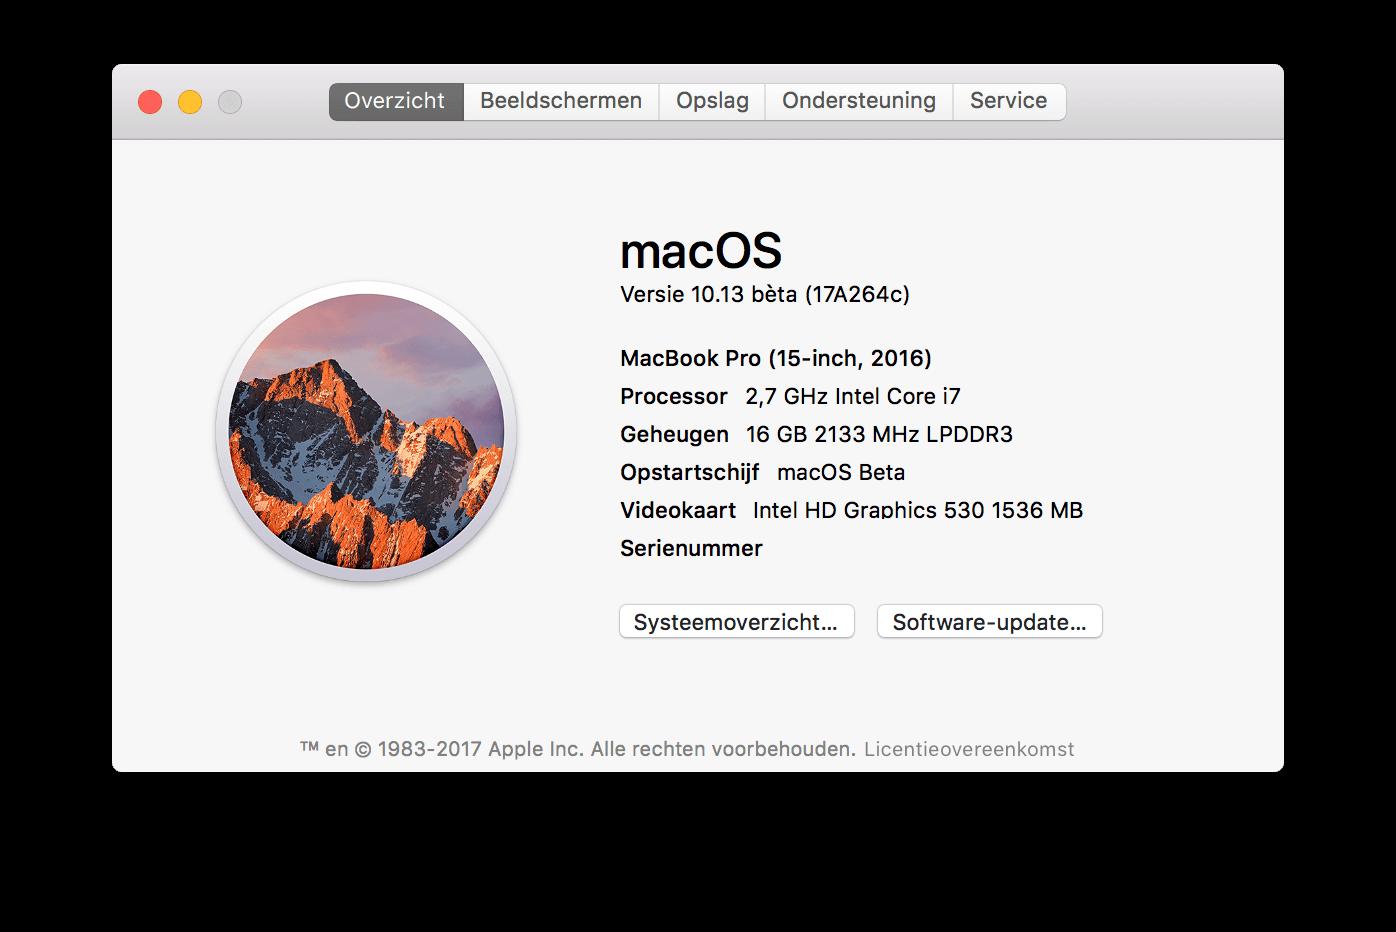 Macbook air 2011 update